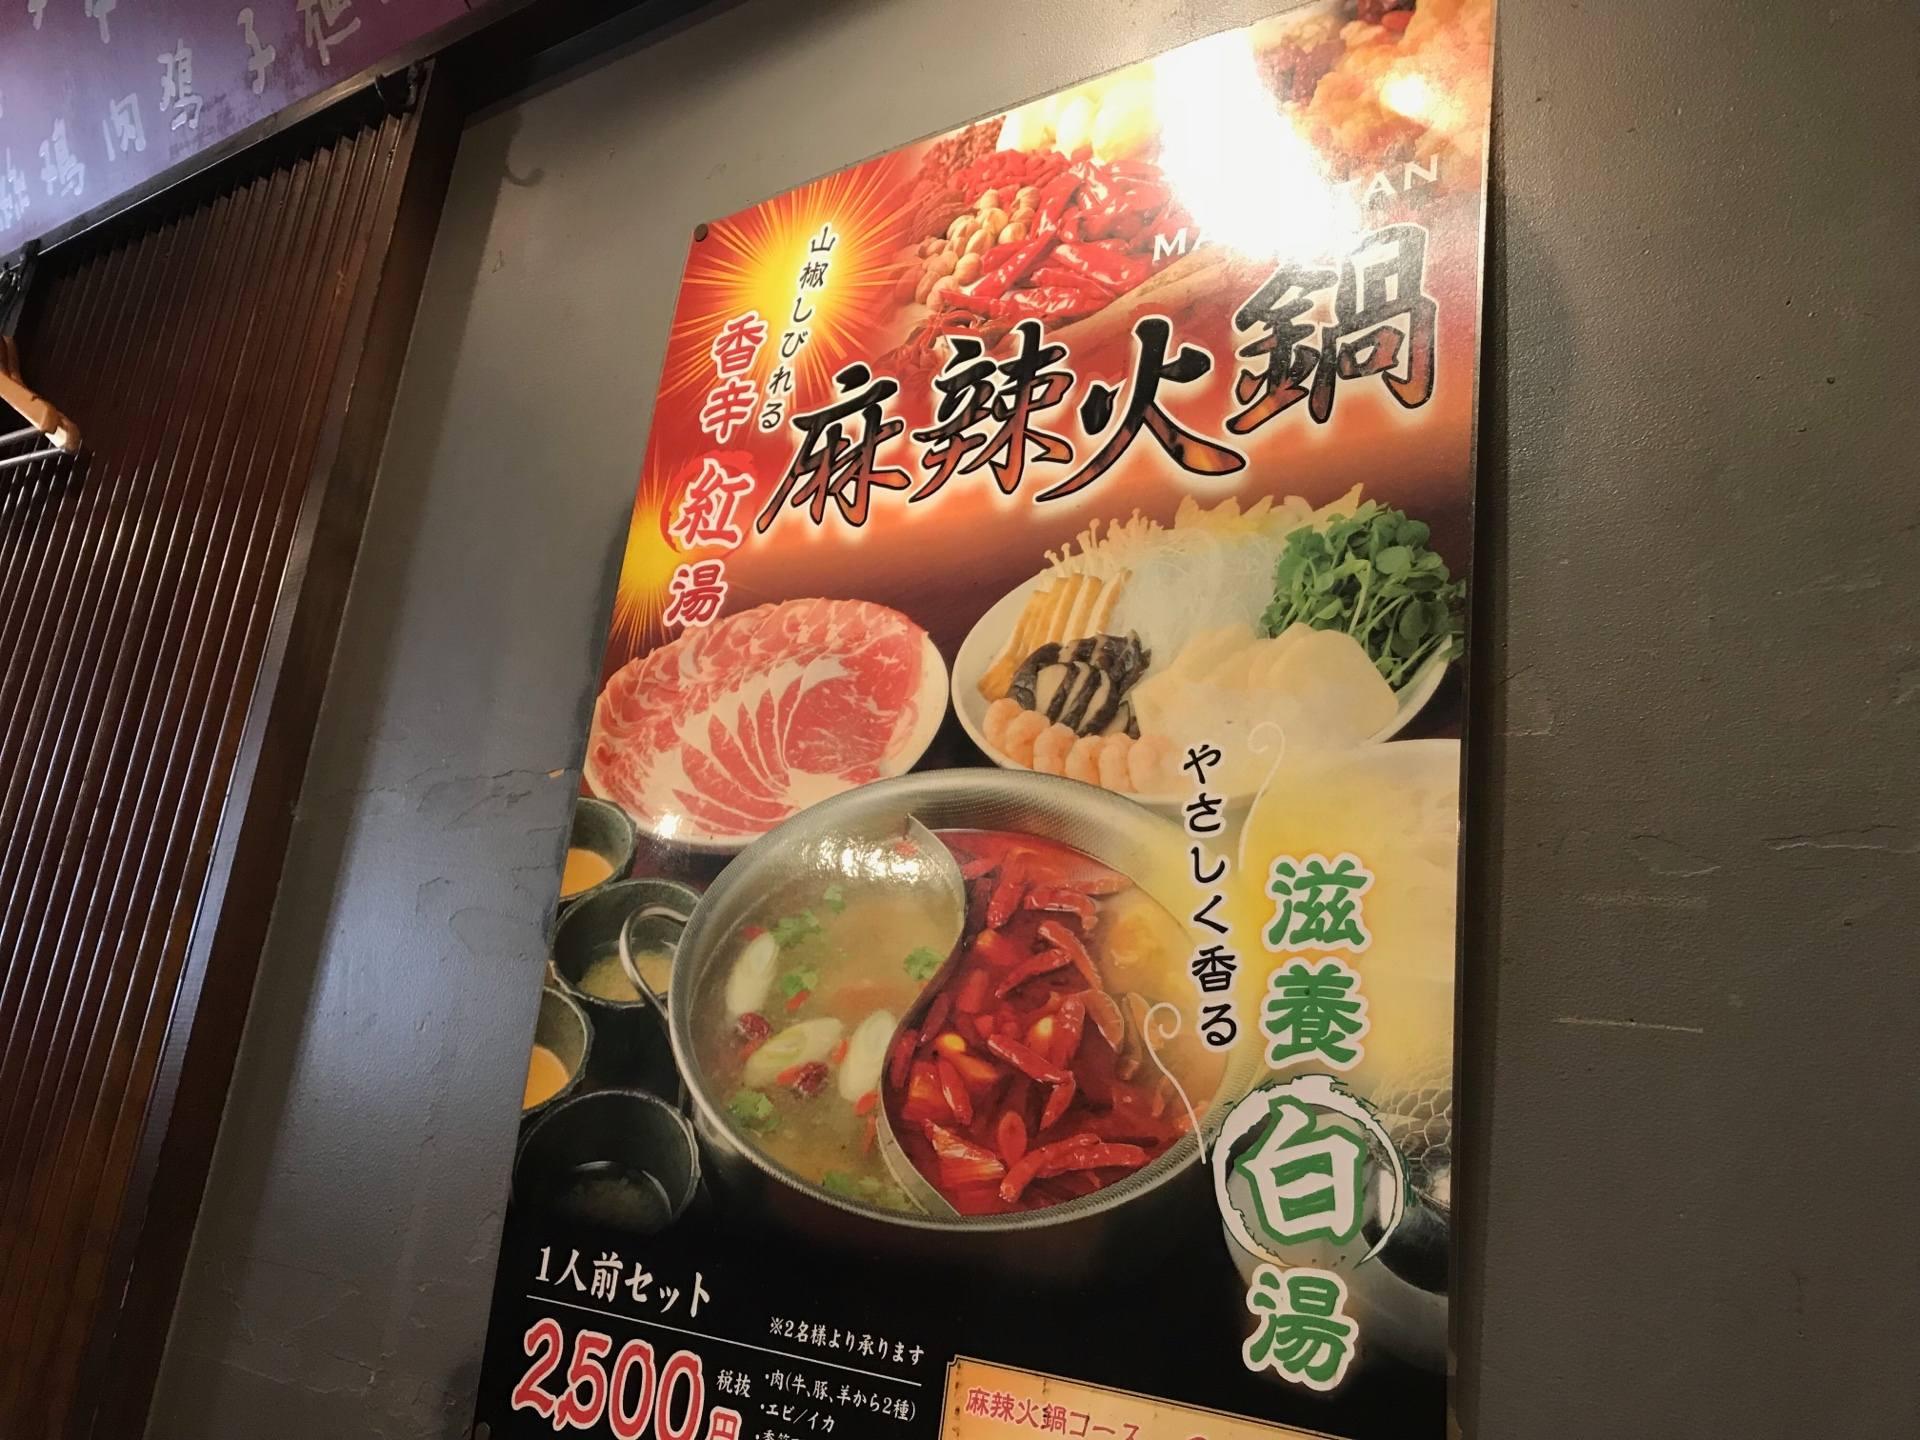 还有道地的火锅料理!